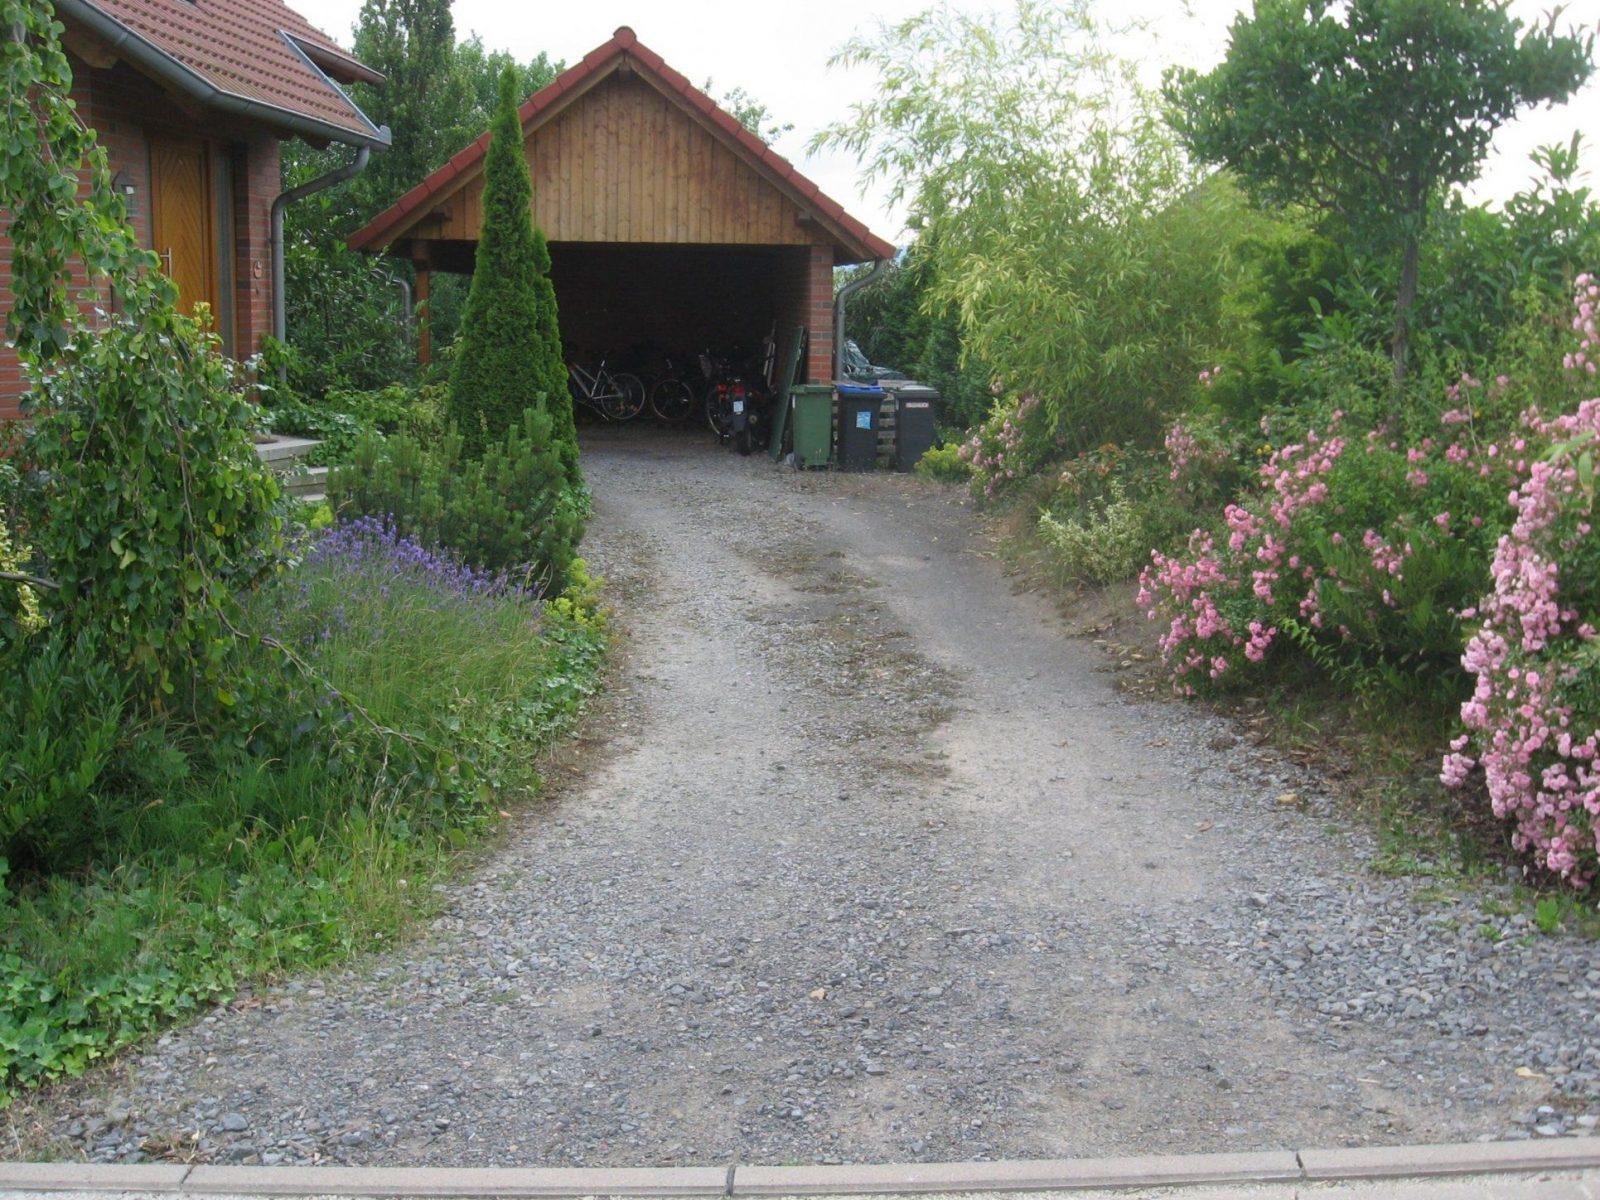 Inspirierend Vorgarten Gestalten Mit Kies Ideen von Garagenzufahrt Gestalten Mit Kies Oder Schotter Bild